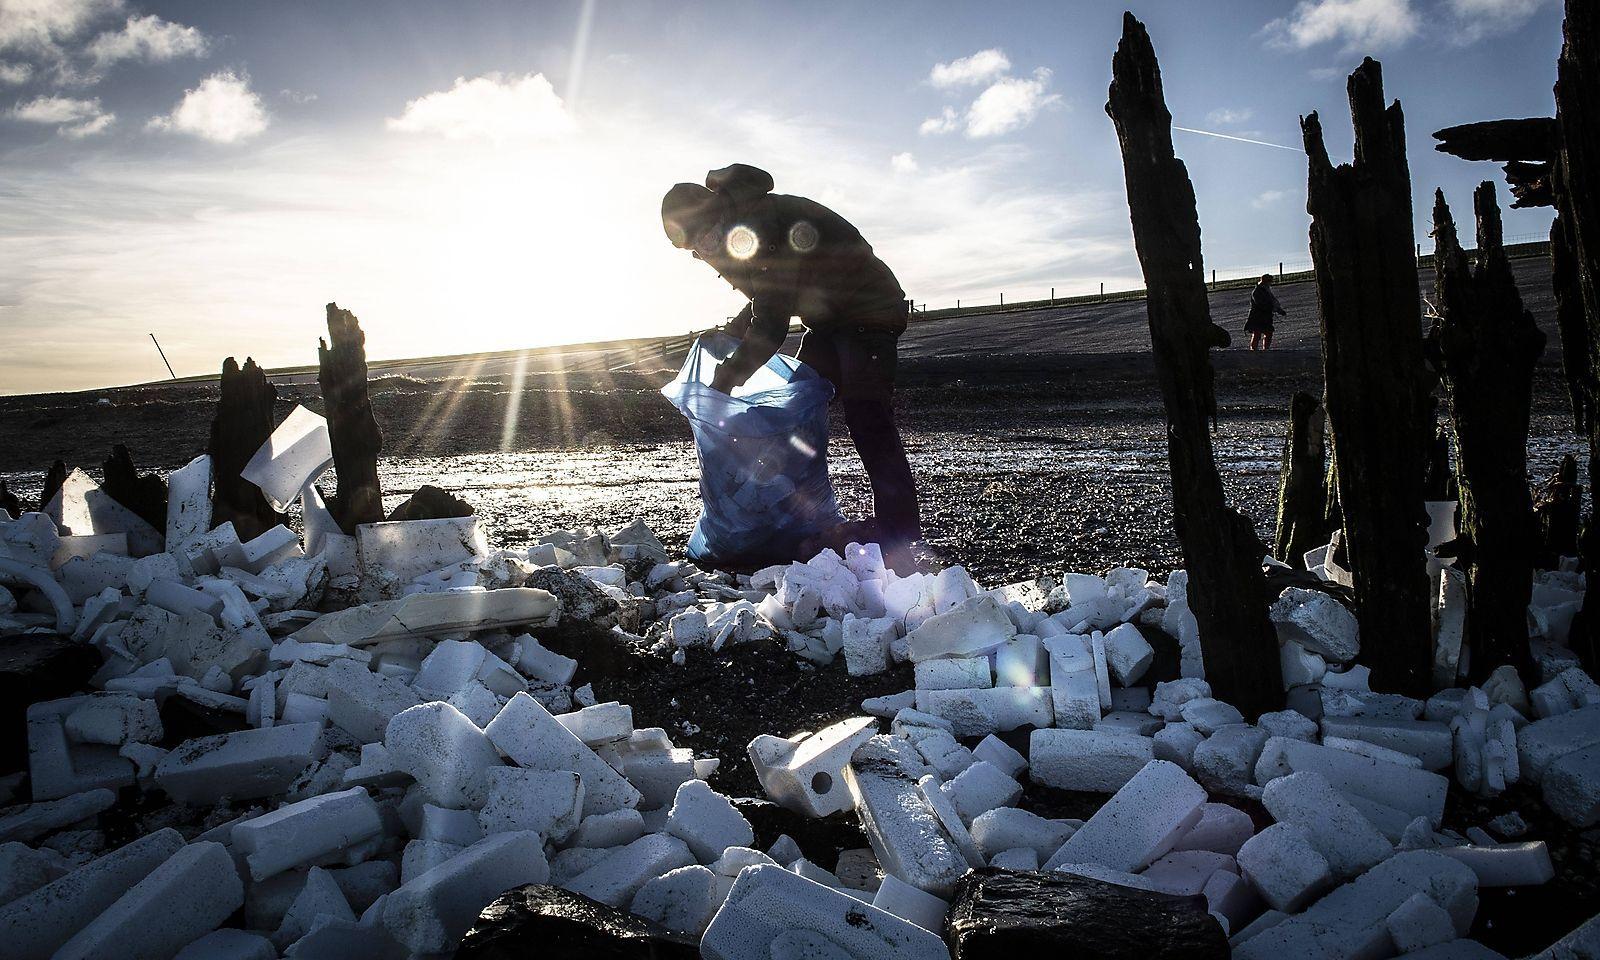 Nicht nur Brauchbares spült es nach der Havarie von Containern der MSC Zoe an die Küsten der westfriesischen Inseln.